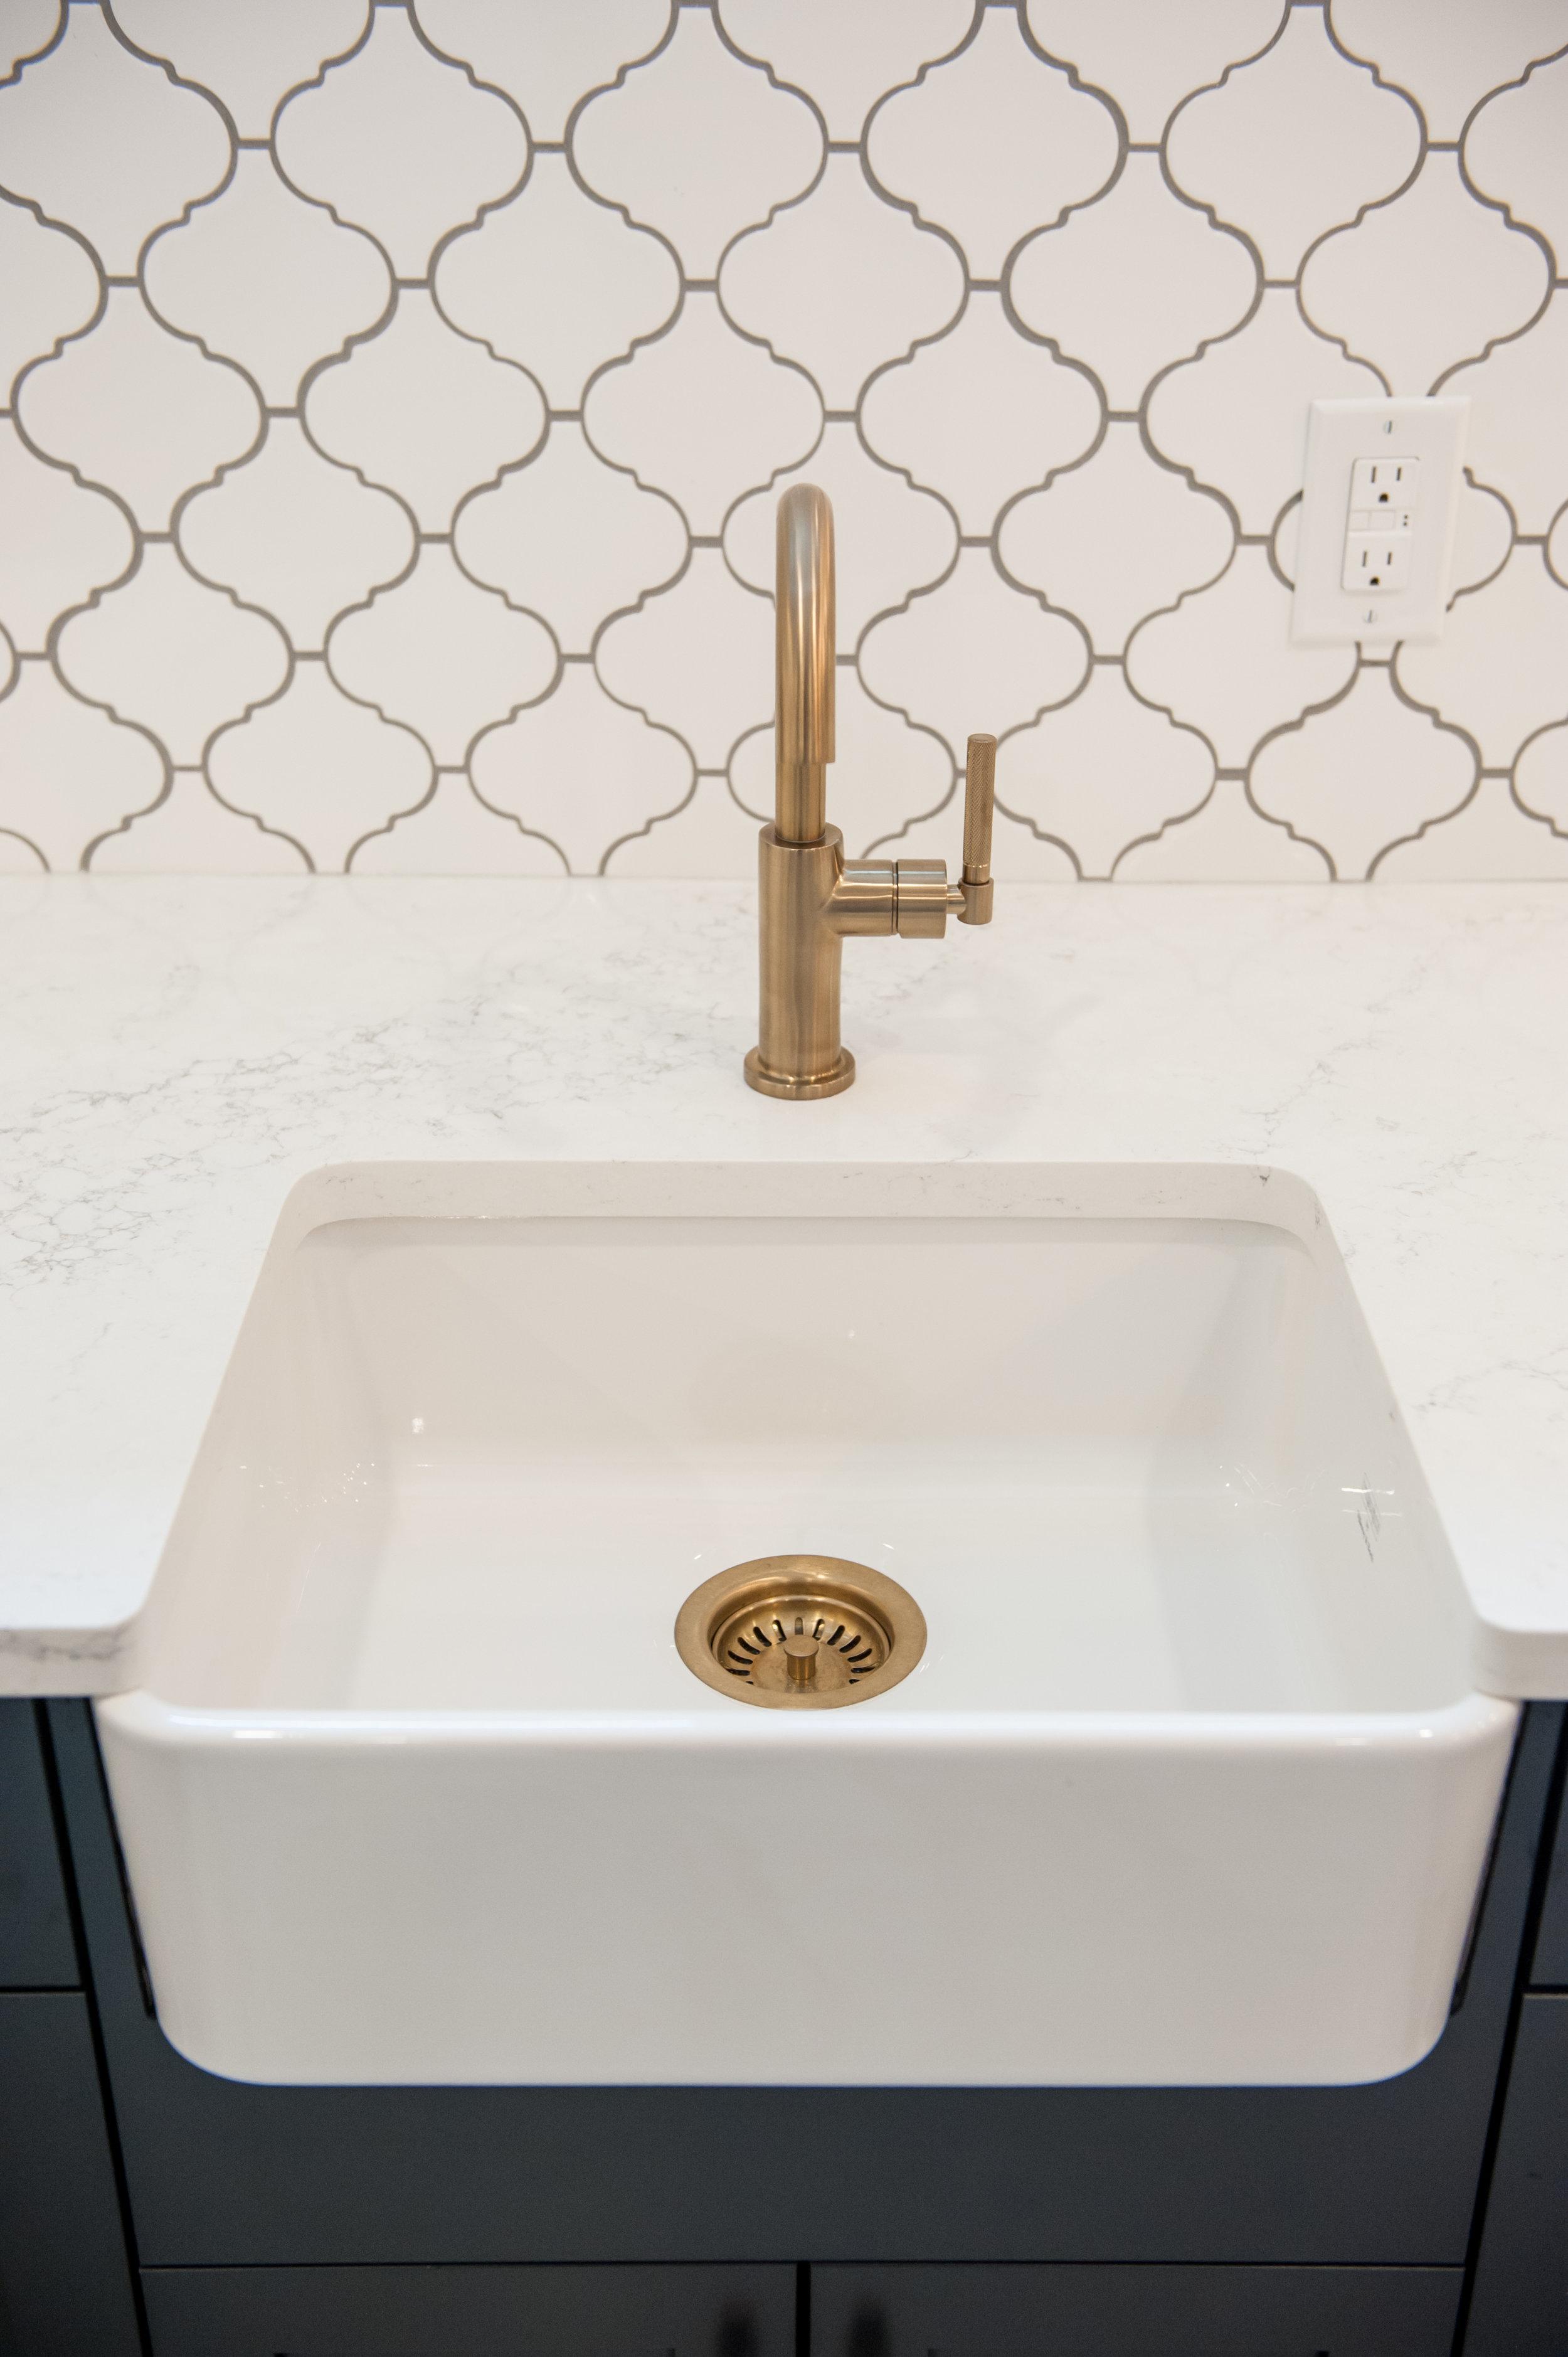 apron_sink_gold_faucet